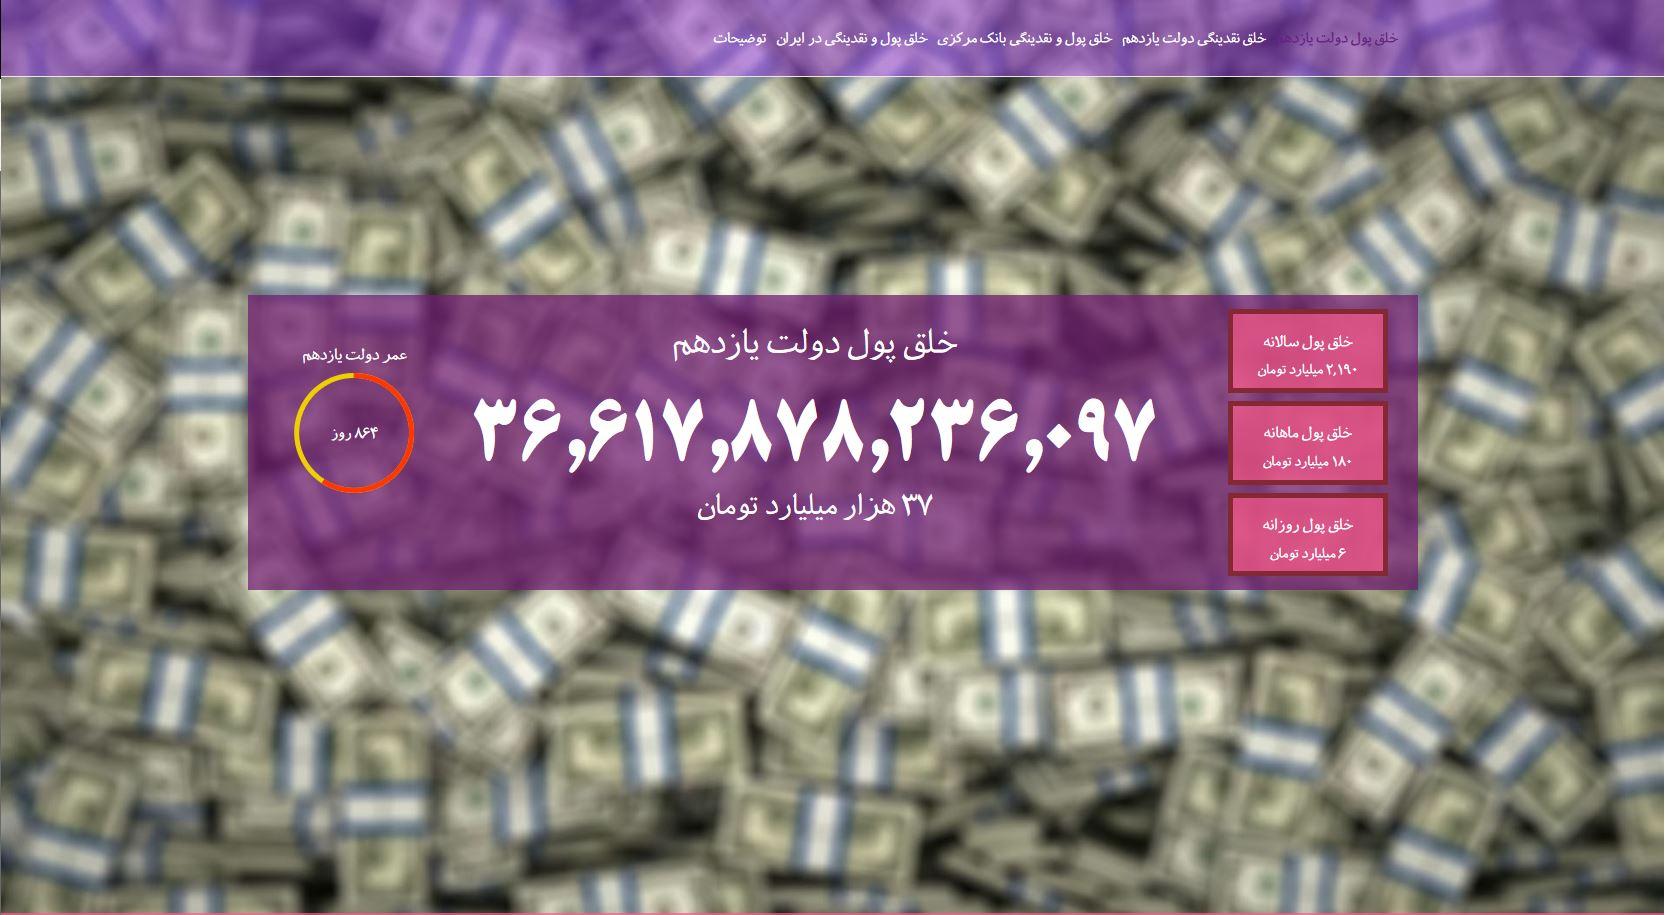 تصویر از افتتاح پایگاه ساعت خلق پول ایران